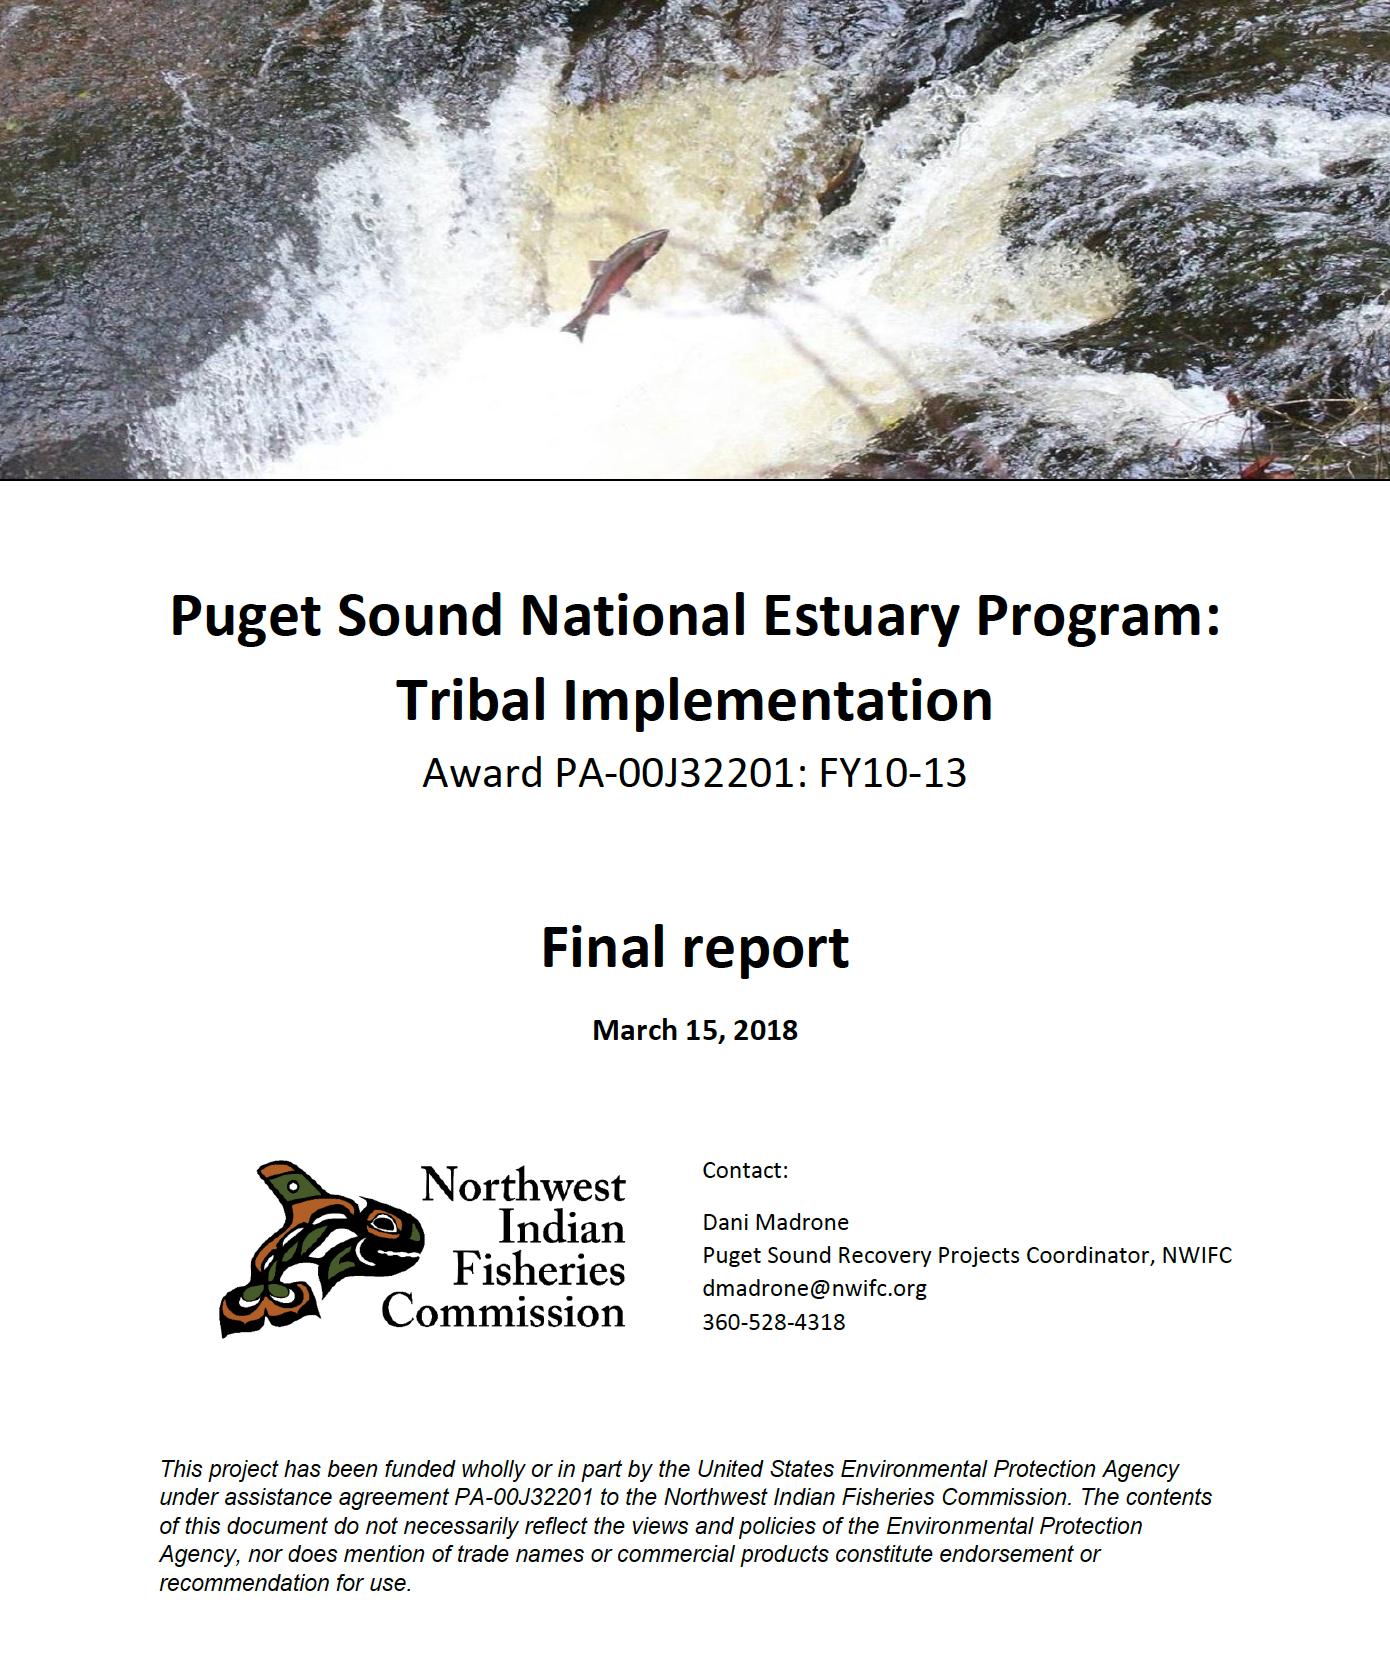 Puget Sound National Estuary Program: Tribal Implementation